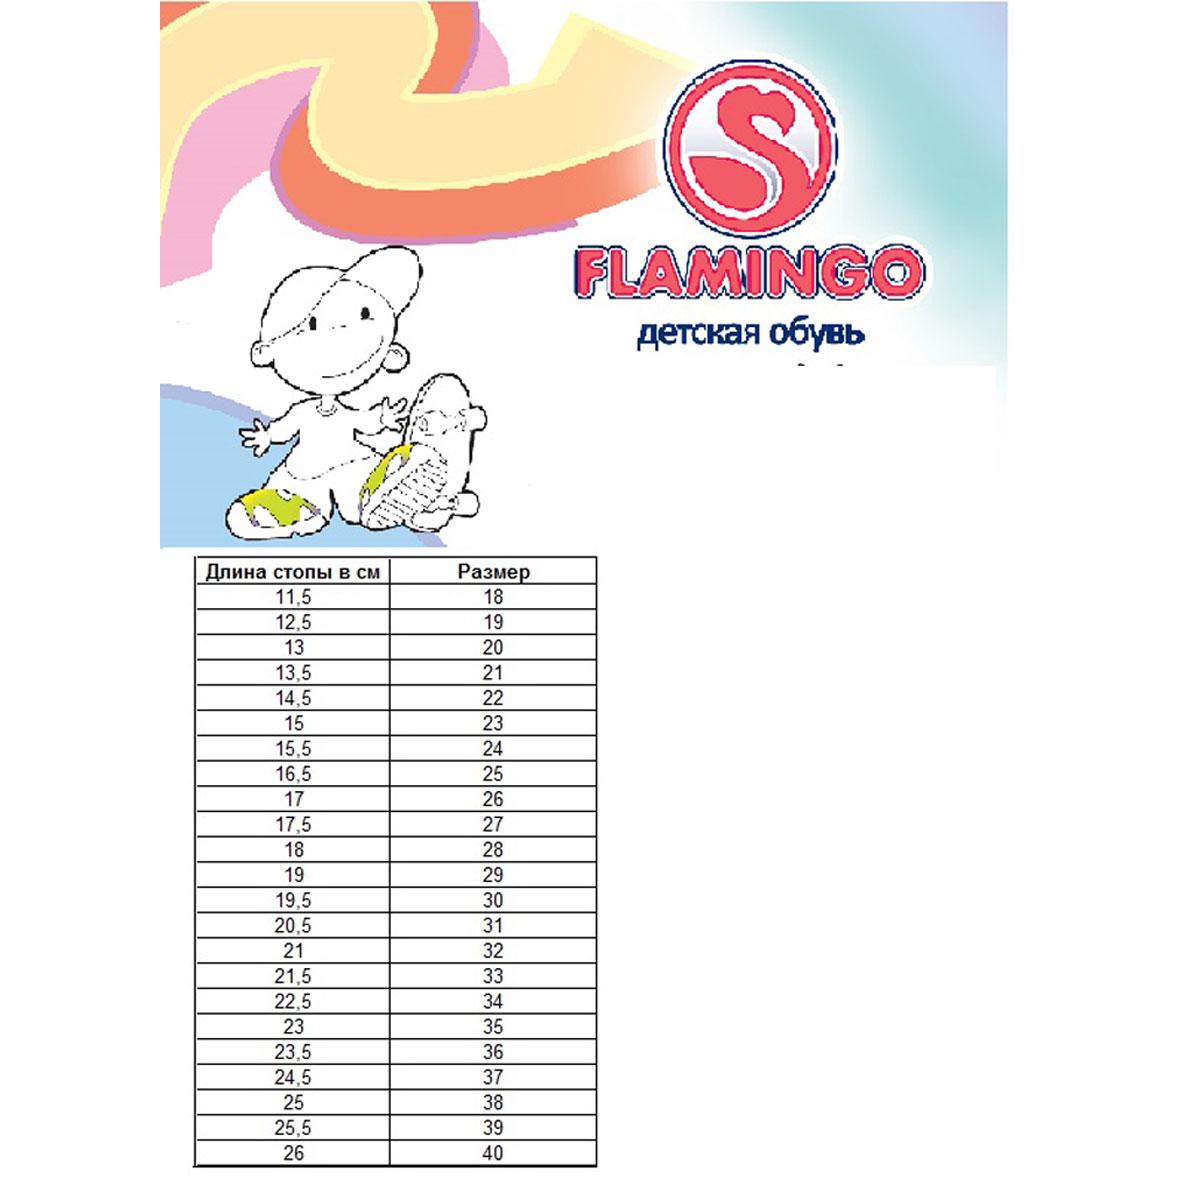 Flamingo ������ ��� �������. QC3784